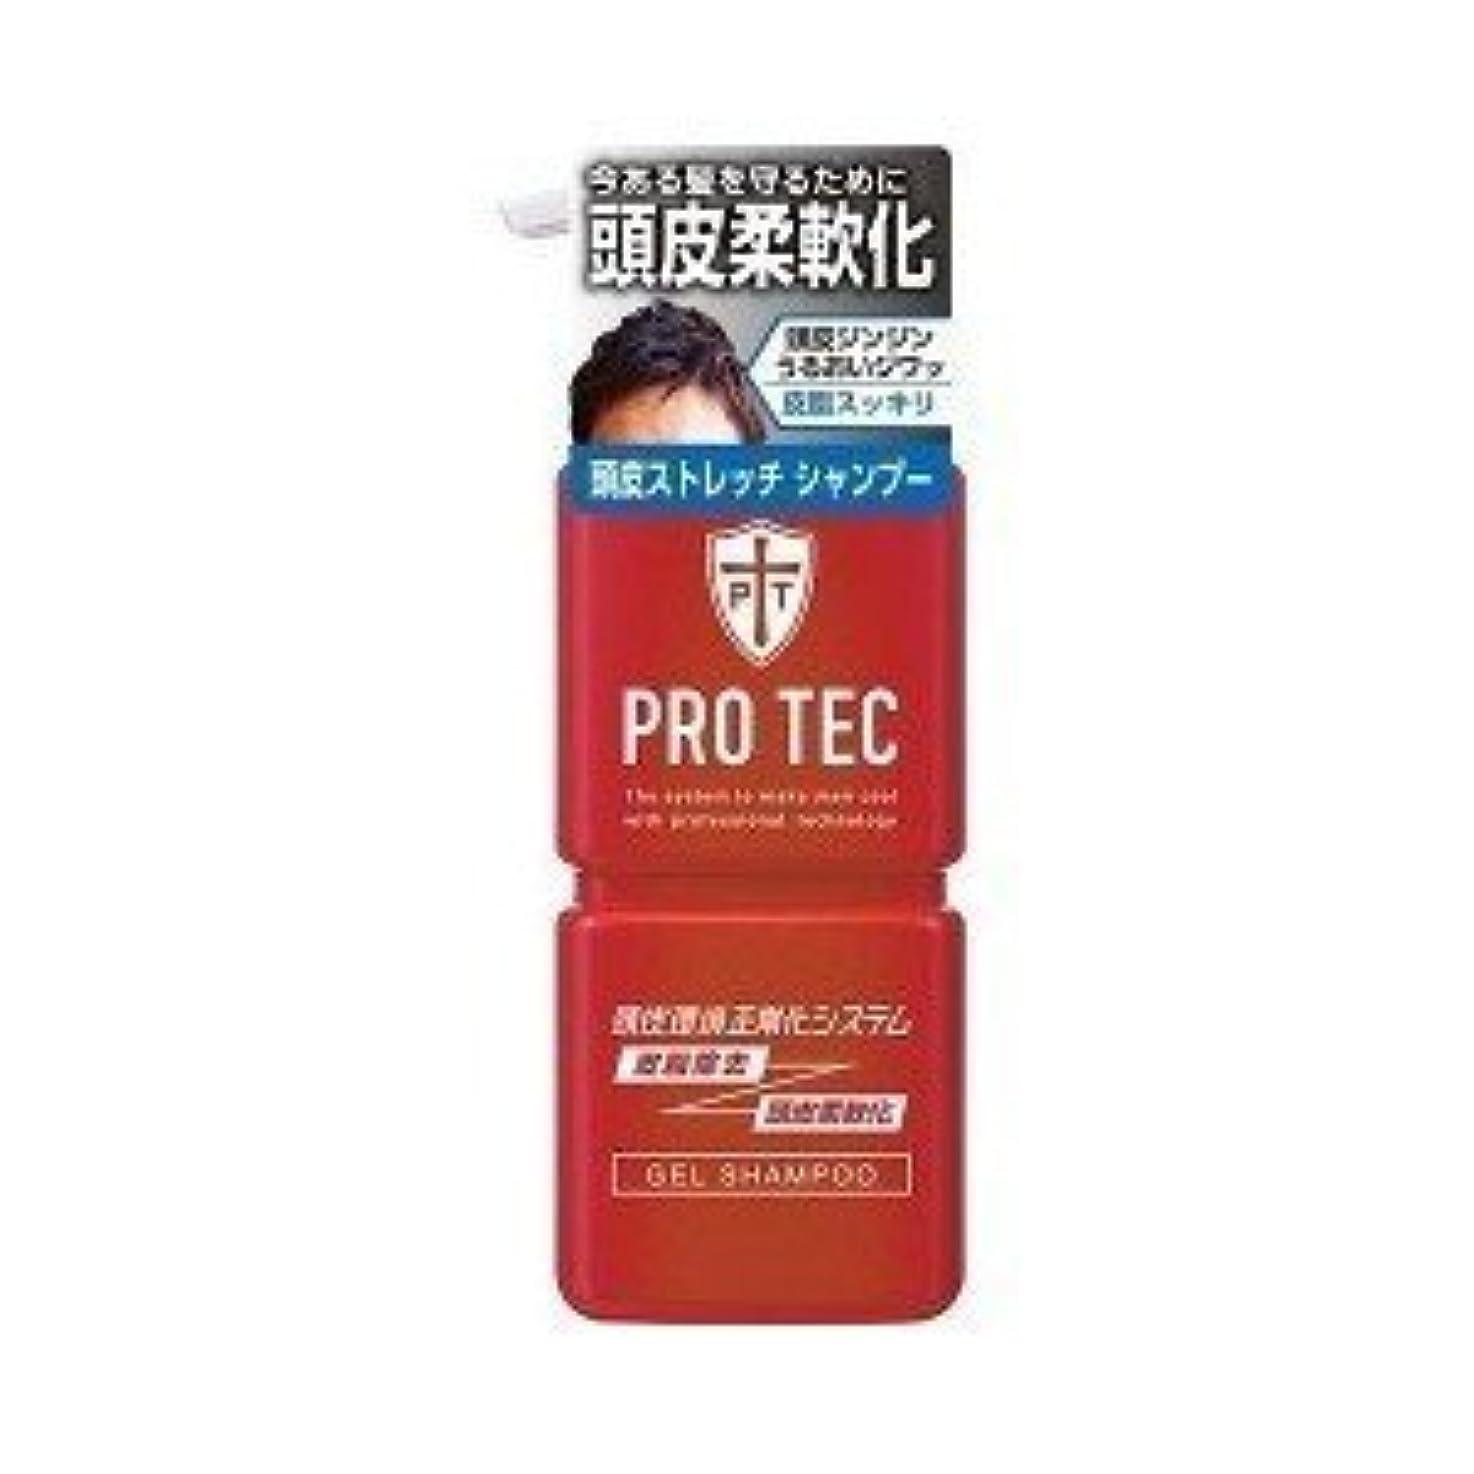 注釈を付ける一定サイクロプス(ライオン)PRO TEC(プロテク) 頭皮ストレッチ シャンプー ポンプ 300g(医薬部外品)